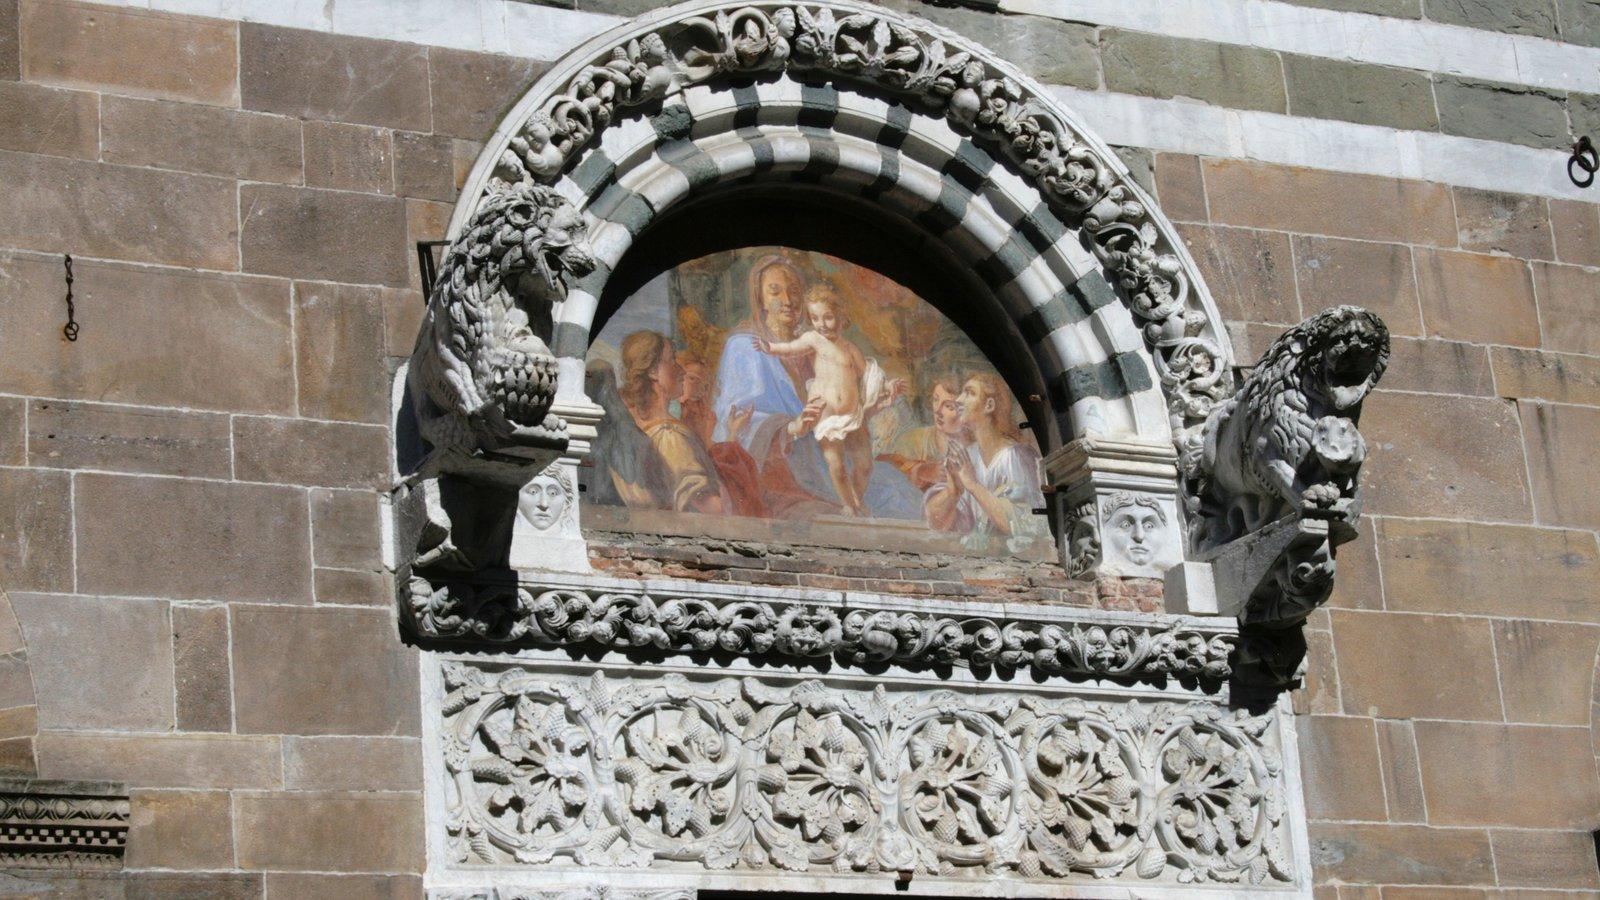 Viareggio which includes religious aspects, art and heritage architecture